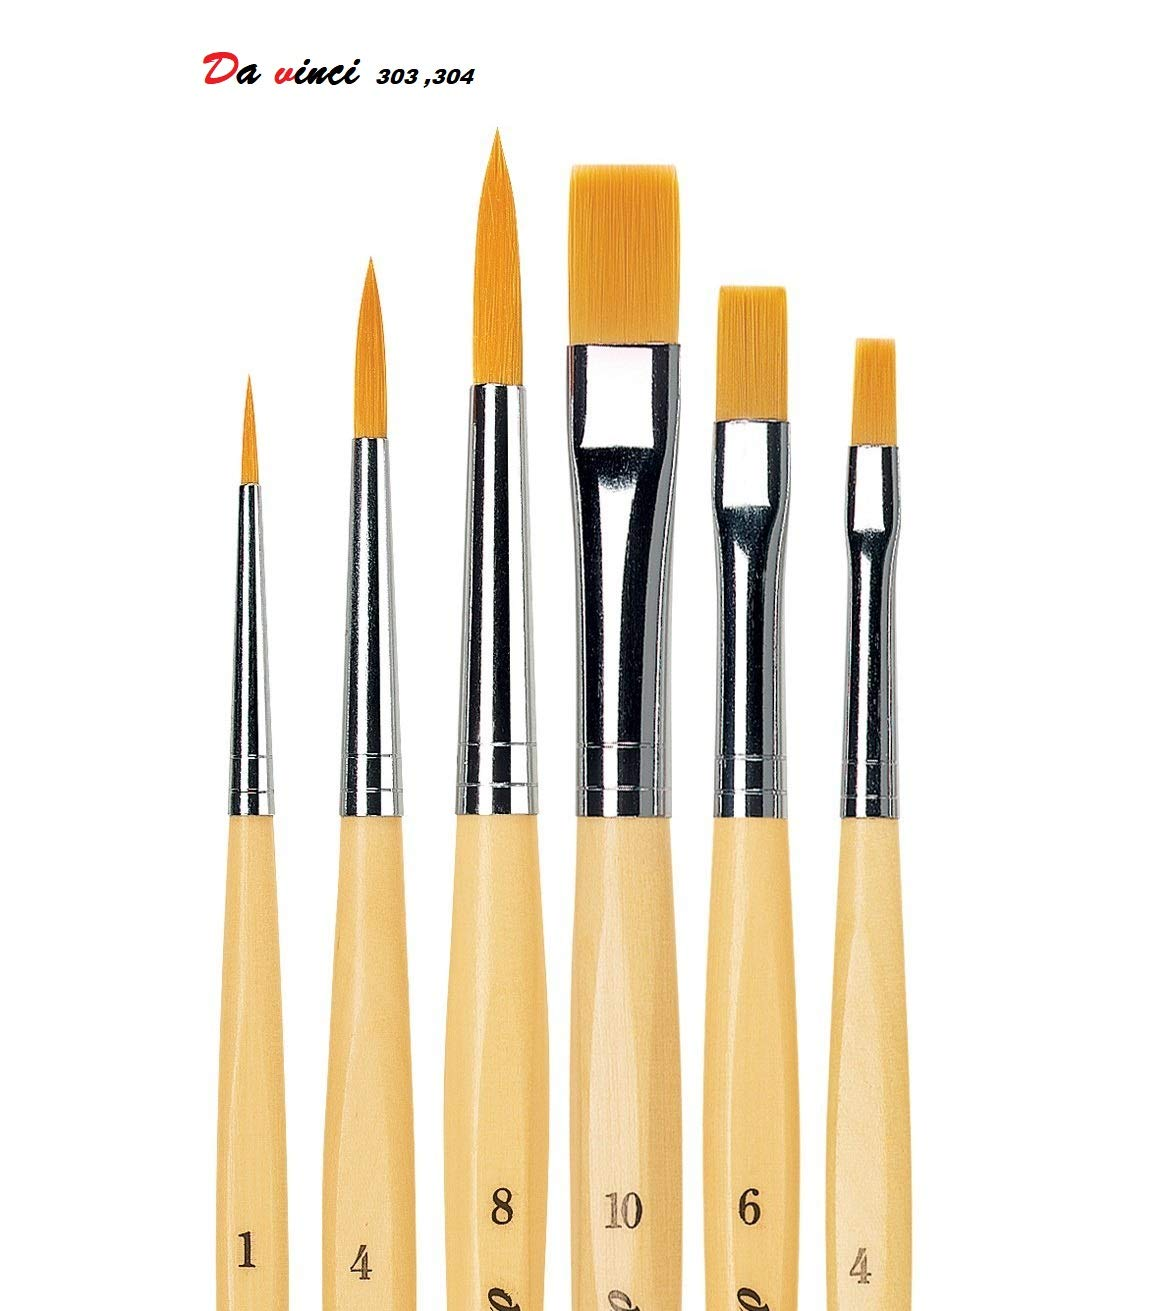 1 Olio e Acrilico 6,10,per Pittura ad Acqua Set di pennelli Rotondi Sintetici di da Vinci DEFET GmbH 303 4 4,8 .DEFET GmbH 304